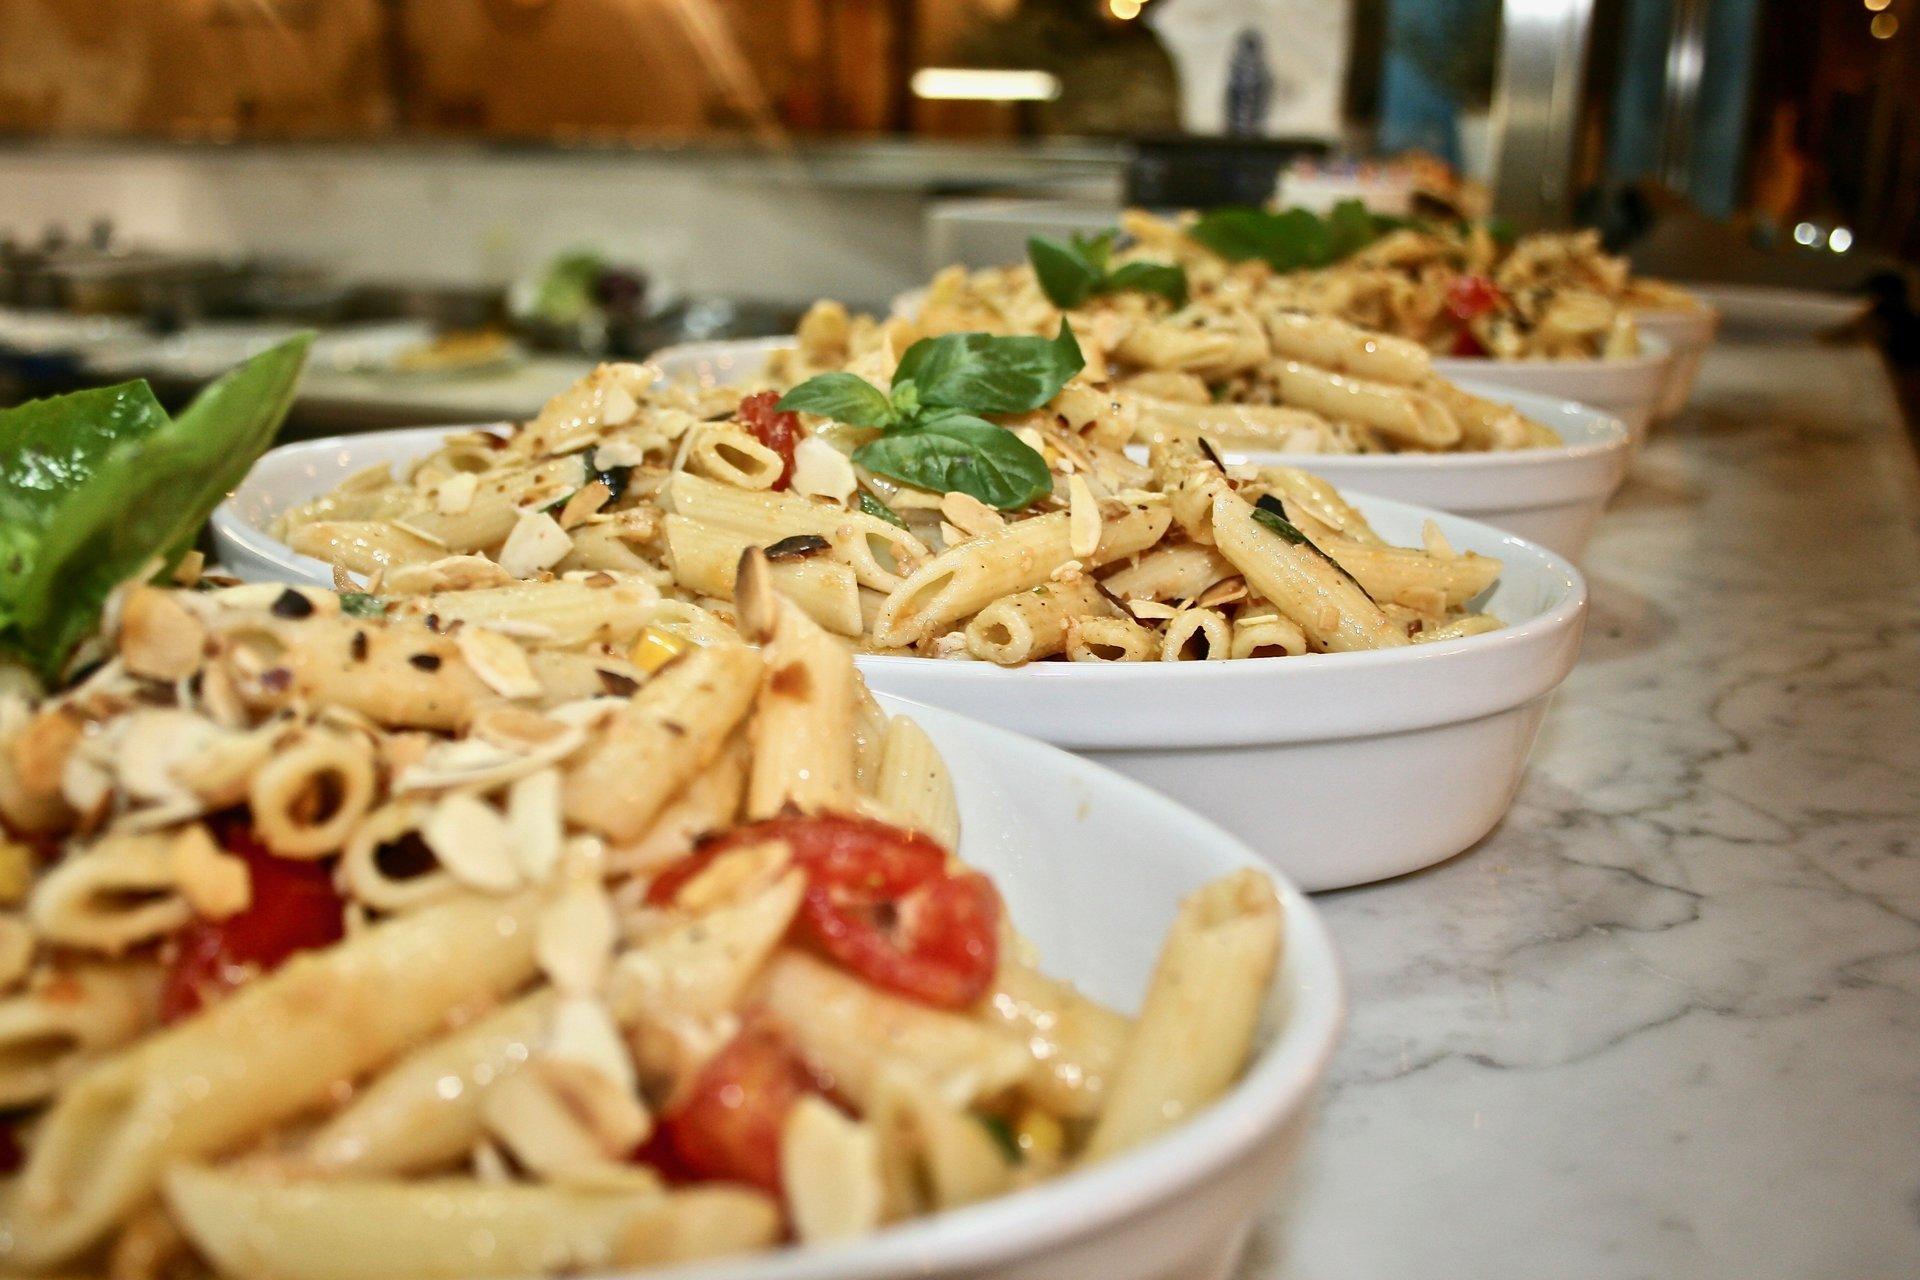 primo piano di un piatto di pasta con dei pomodorini